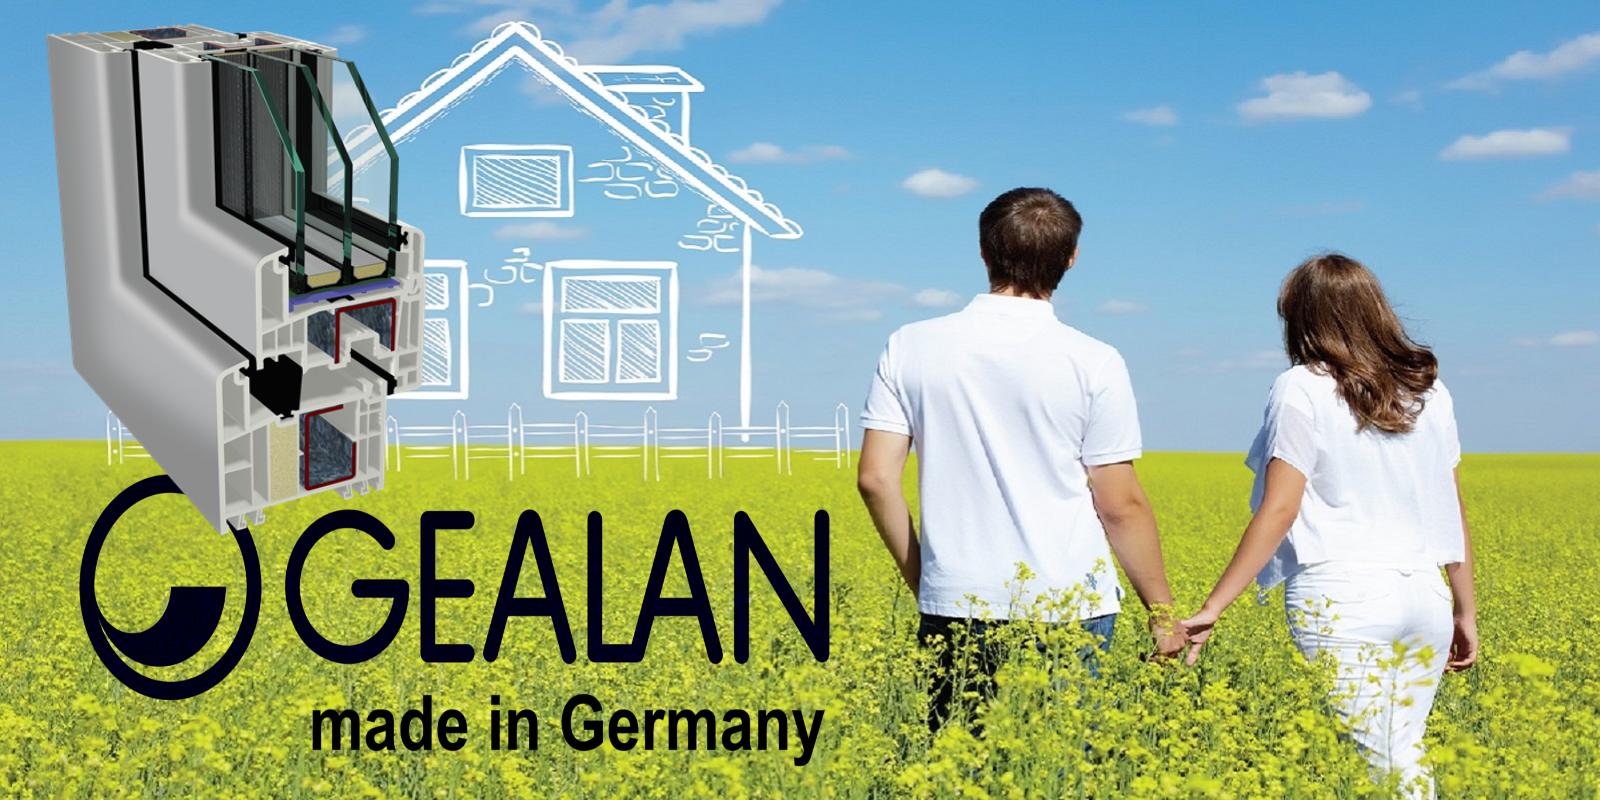 Gealan kozijnen, kozijnen van Gealan, ramen Gealan, Gealan productie, Gealan leverancier ,kunststof kozijnen van Gealan, wie is Gealan, kunststof ramen van Gealan,